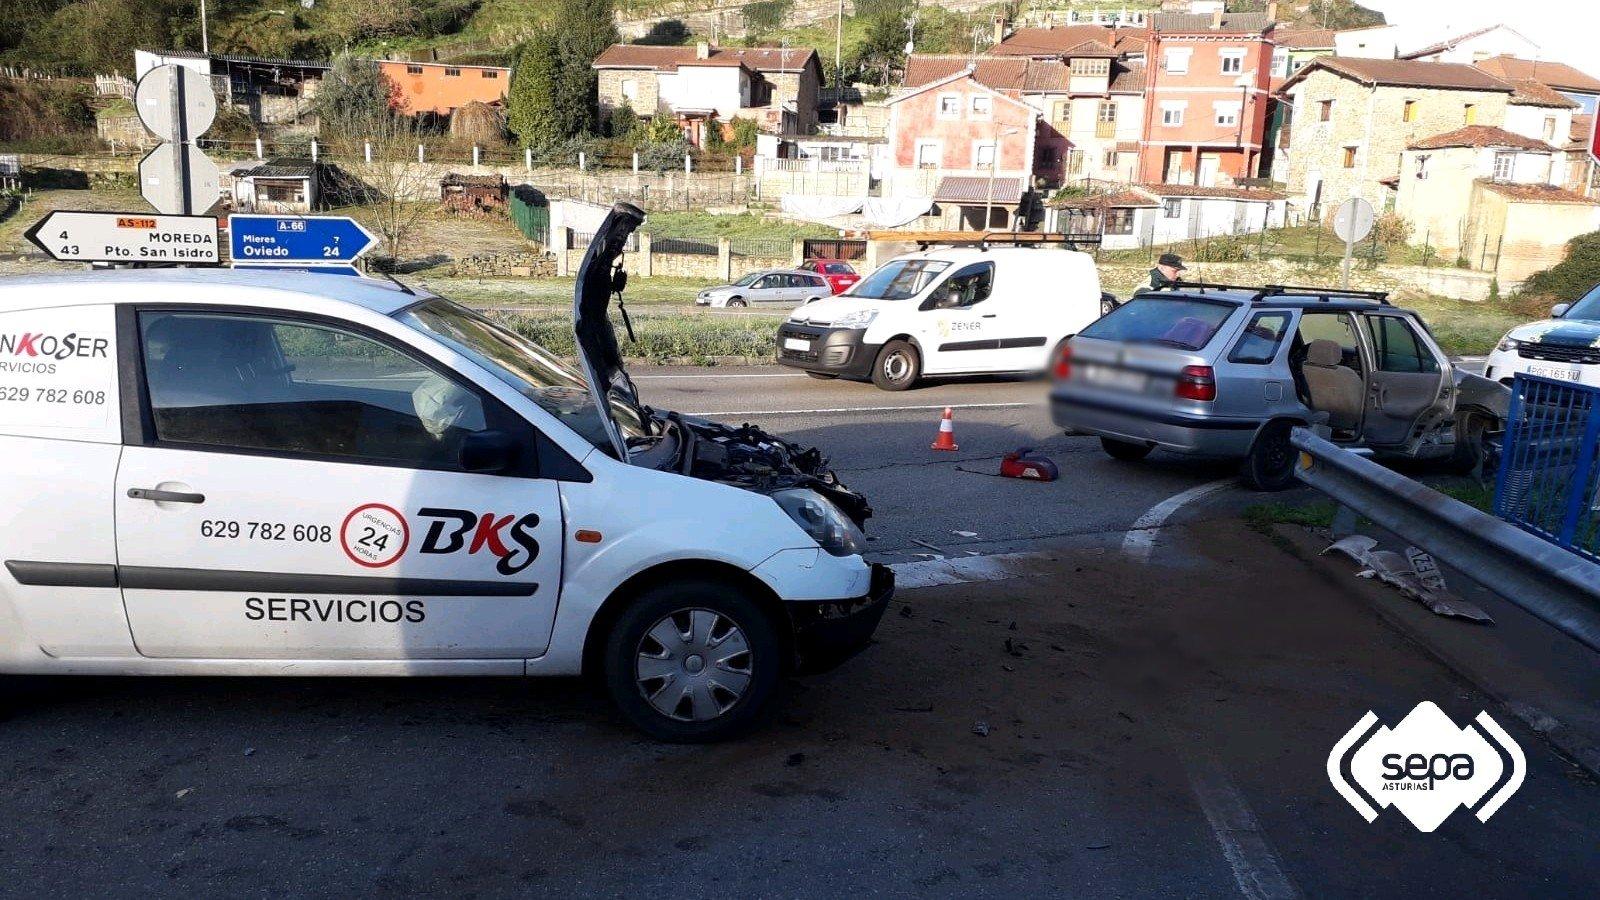 Cinco Heridos en un accidente de Tráfico en Mieres